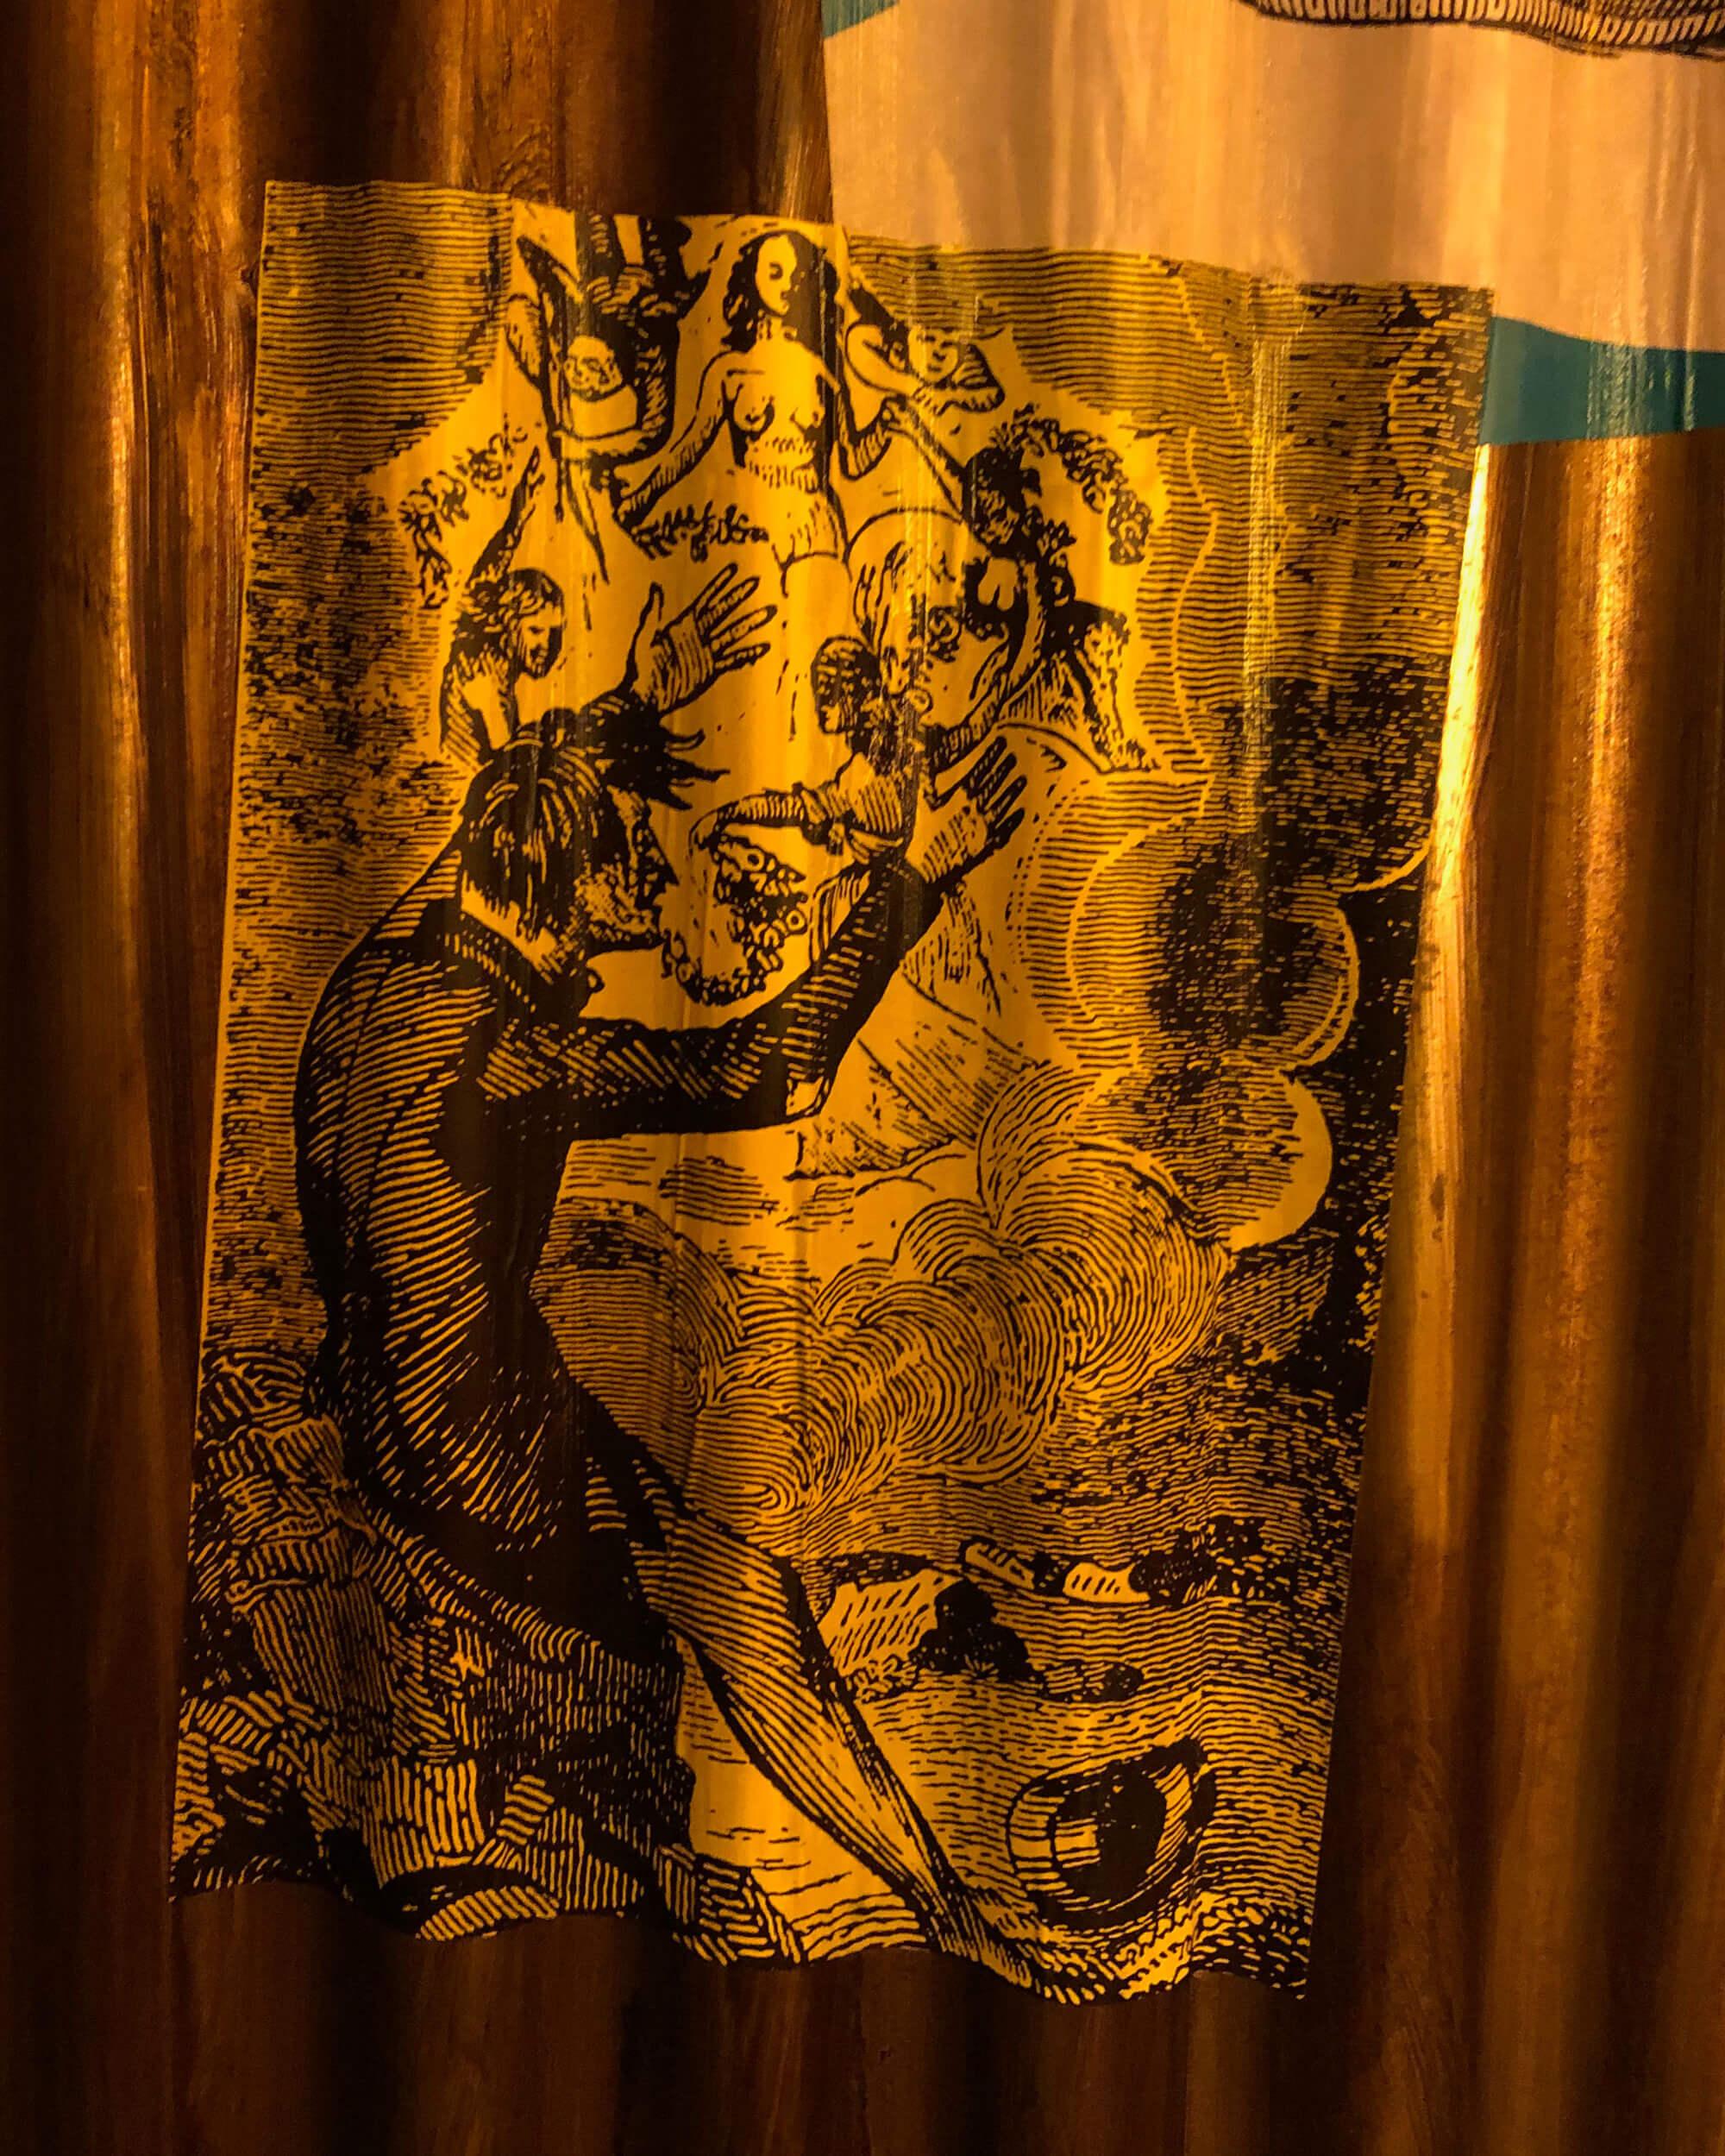 street-bkk-poissonniere-detail-ichetkar-photo-07